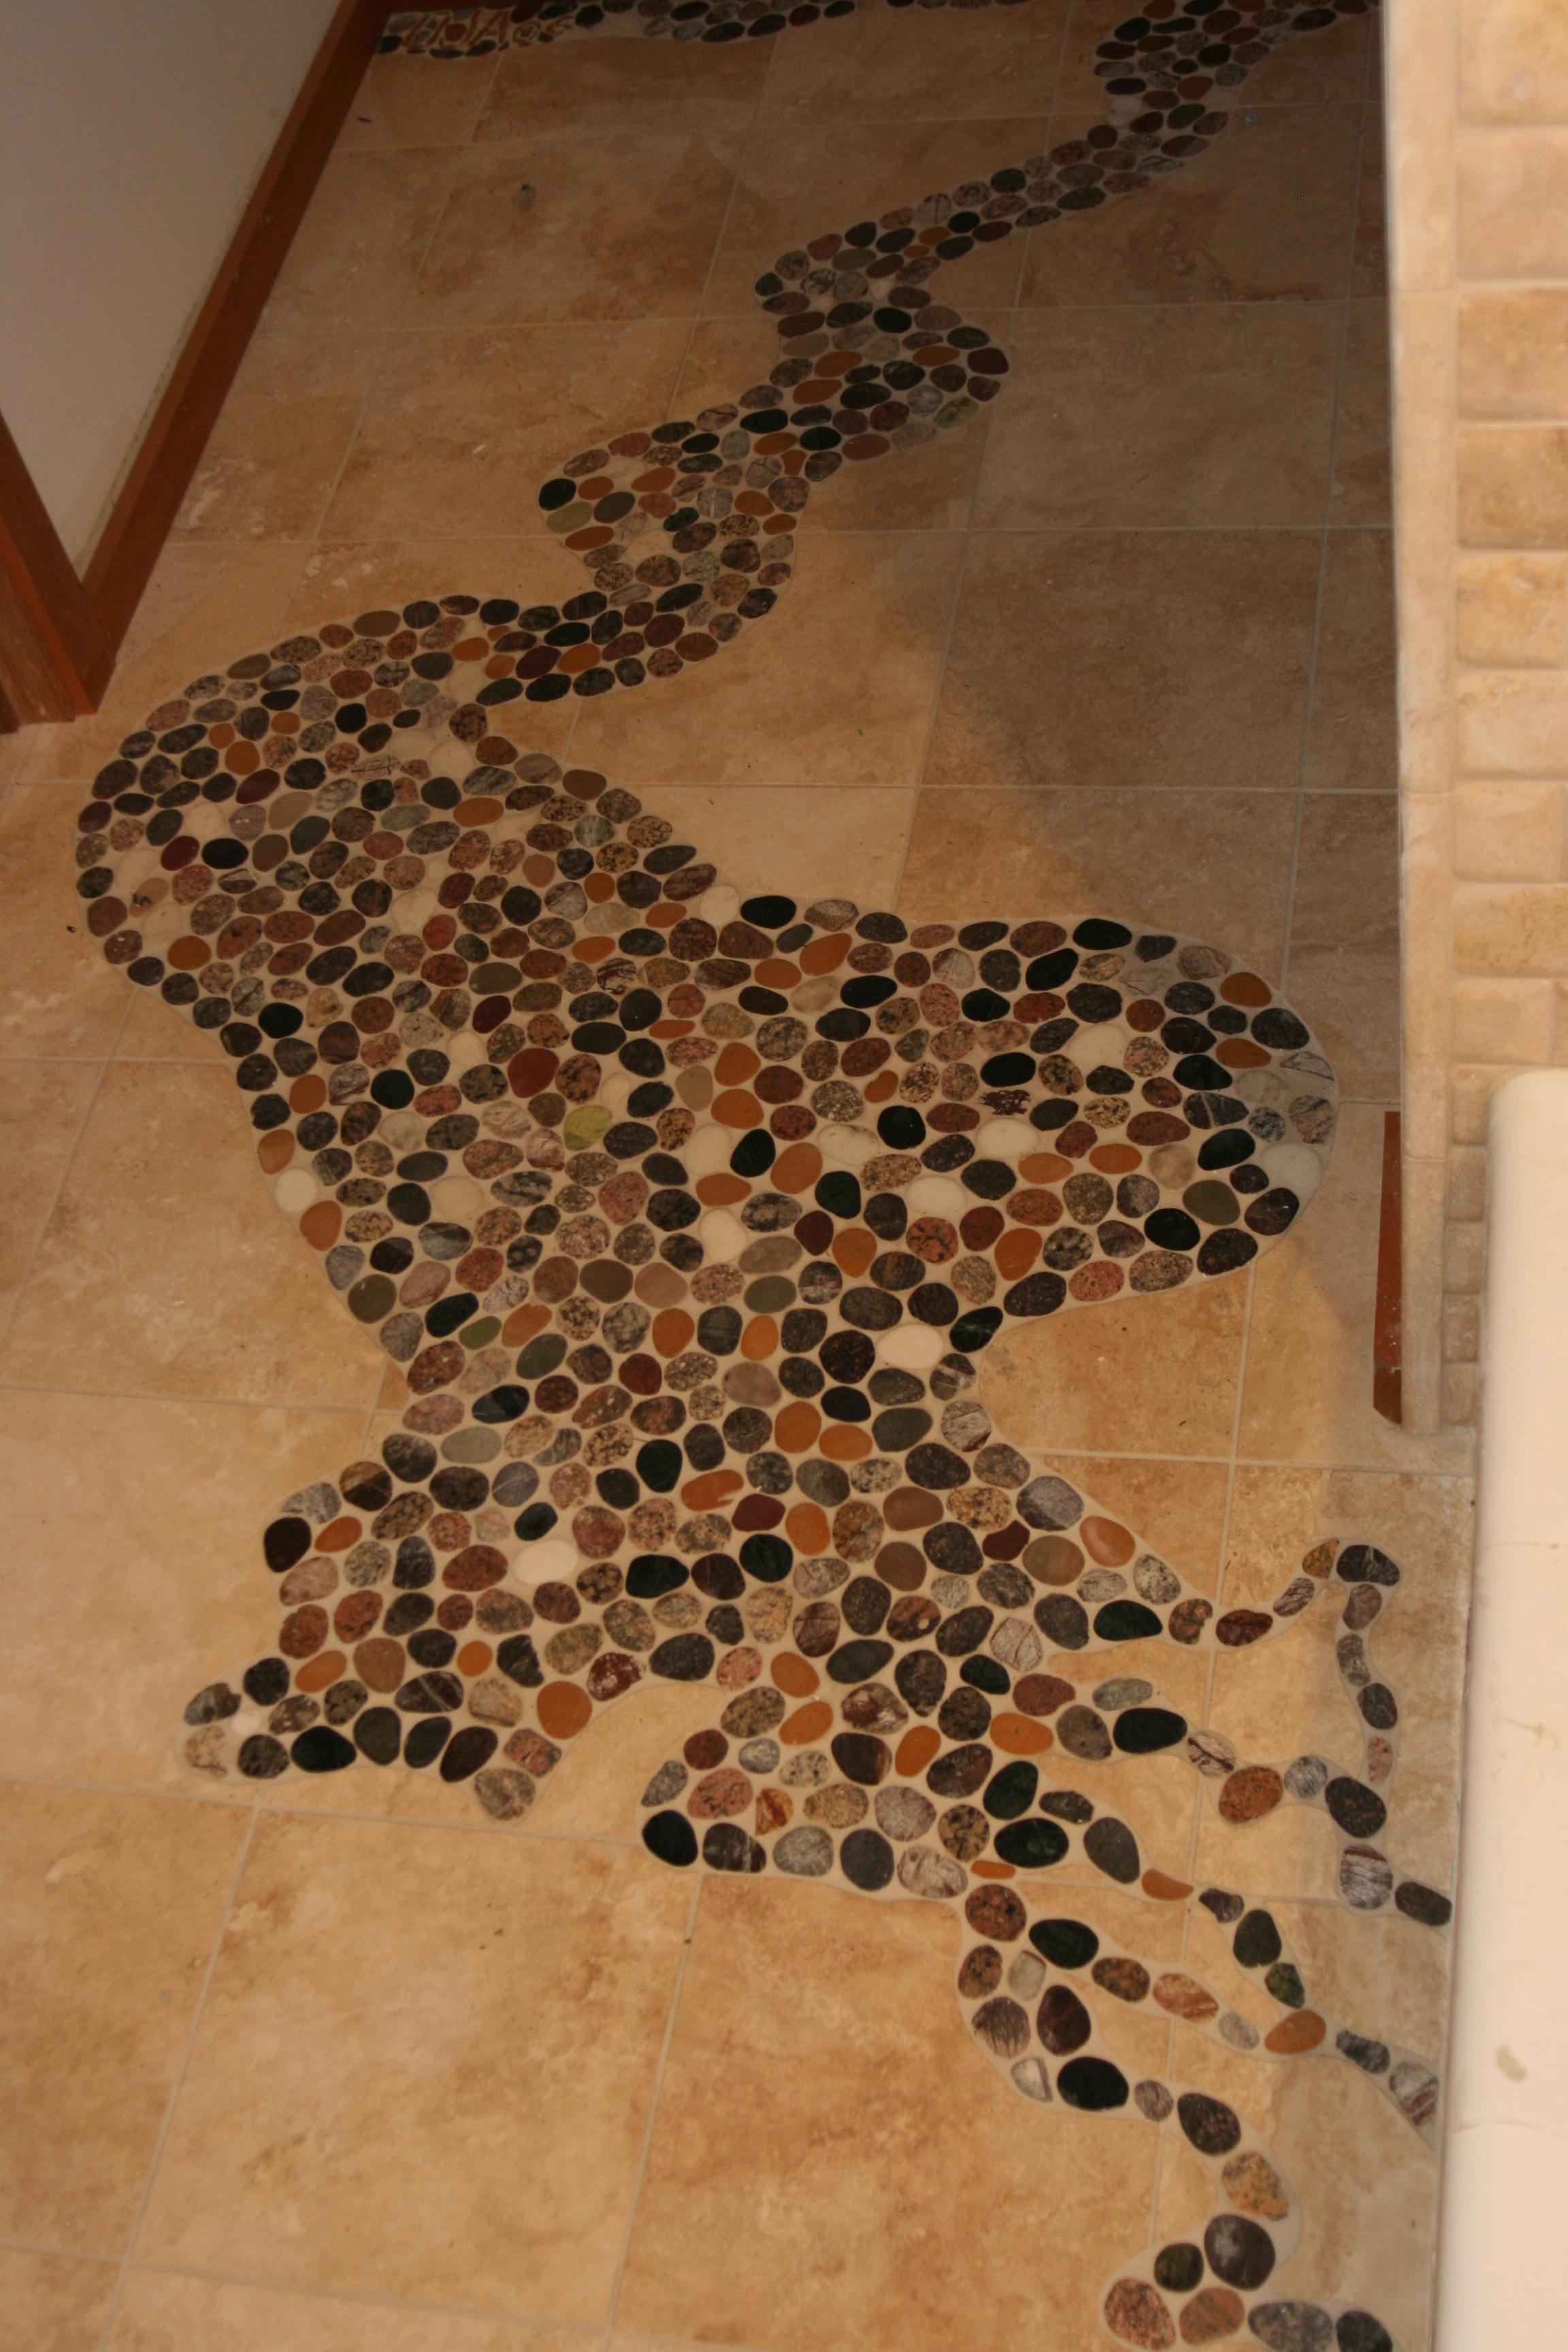 Map of Lake Mallalieu set on kid's bathroom floor